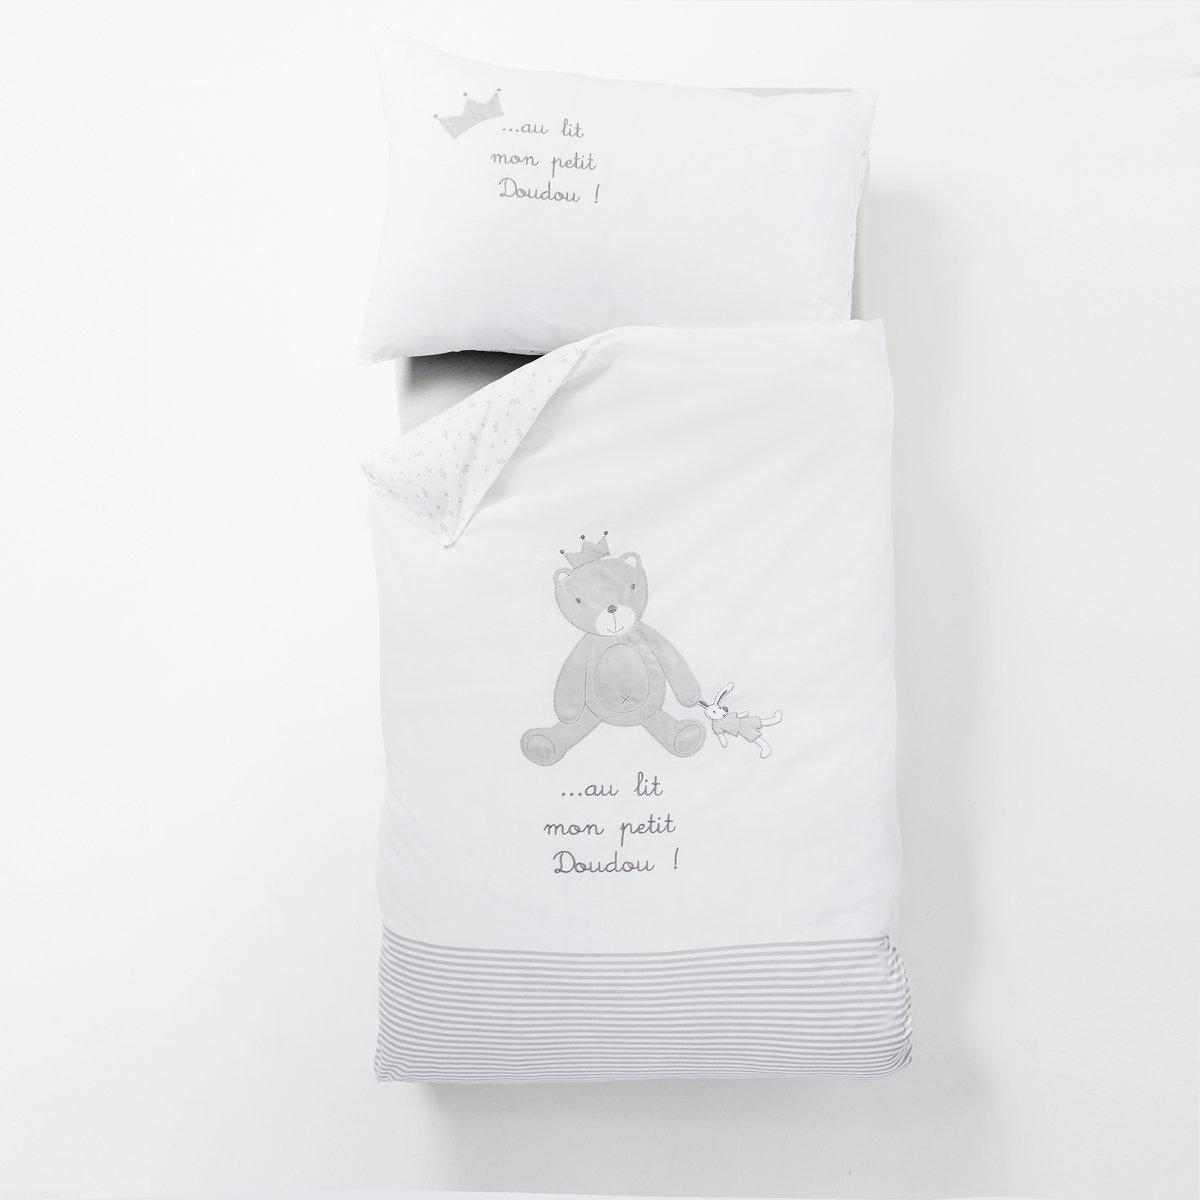 Комплект постельного белья Au lit mon petit doudouХарактеристики:100% хлопка, 57 нитей/см?. Клапан для заправки под матрас.Машинная стирка при 60°.Размеры комплекта:Размер пододеяльника: 80 x 120 см. Размер наволочки: 40 x 60 см. Весь комплект постельного белья вы можете найти на нашем сайте laredoute.ru. В целях безопасности не рекомендуется использовать одеяла и подушки для детей до 18 месяцев.<br><br>Цвет: белый/ серый